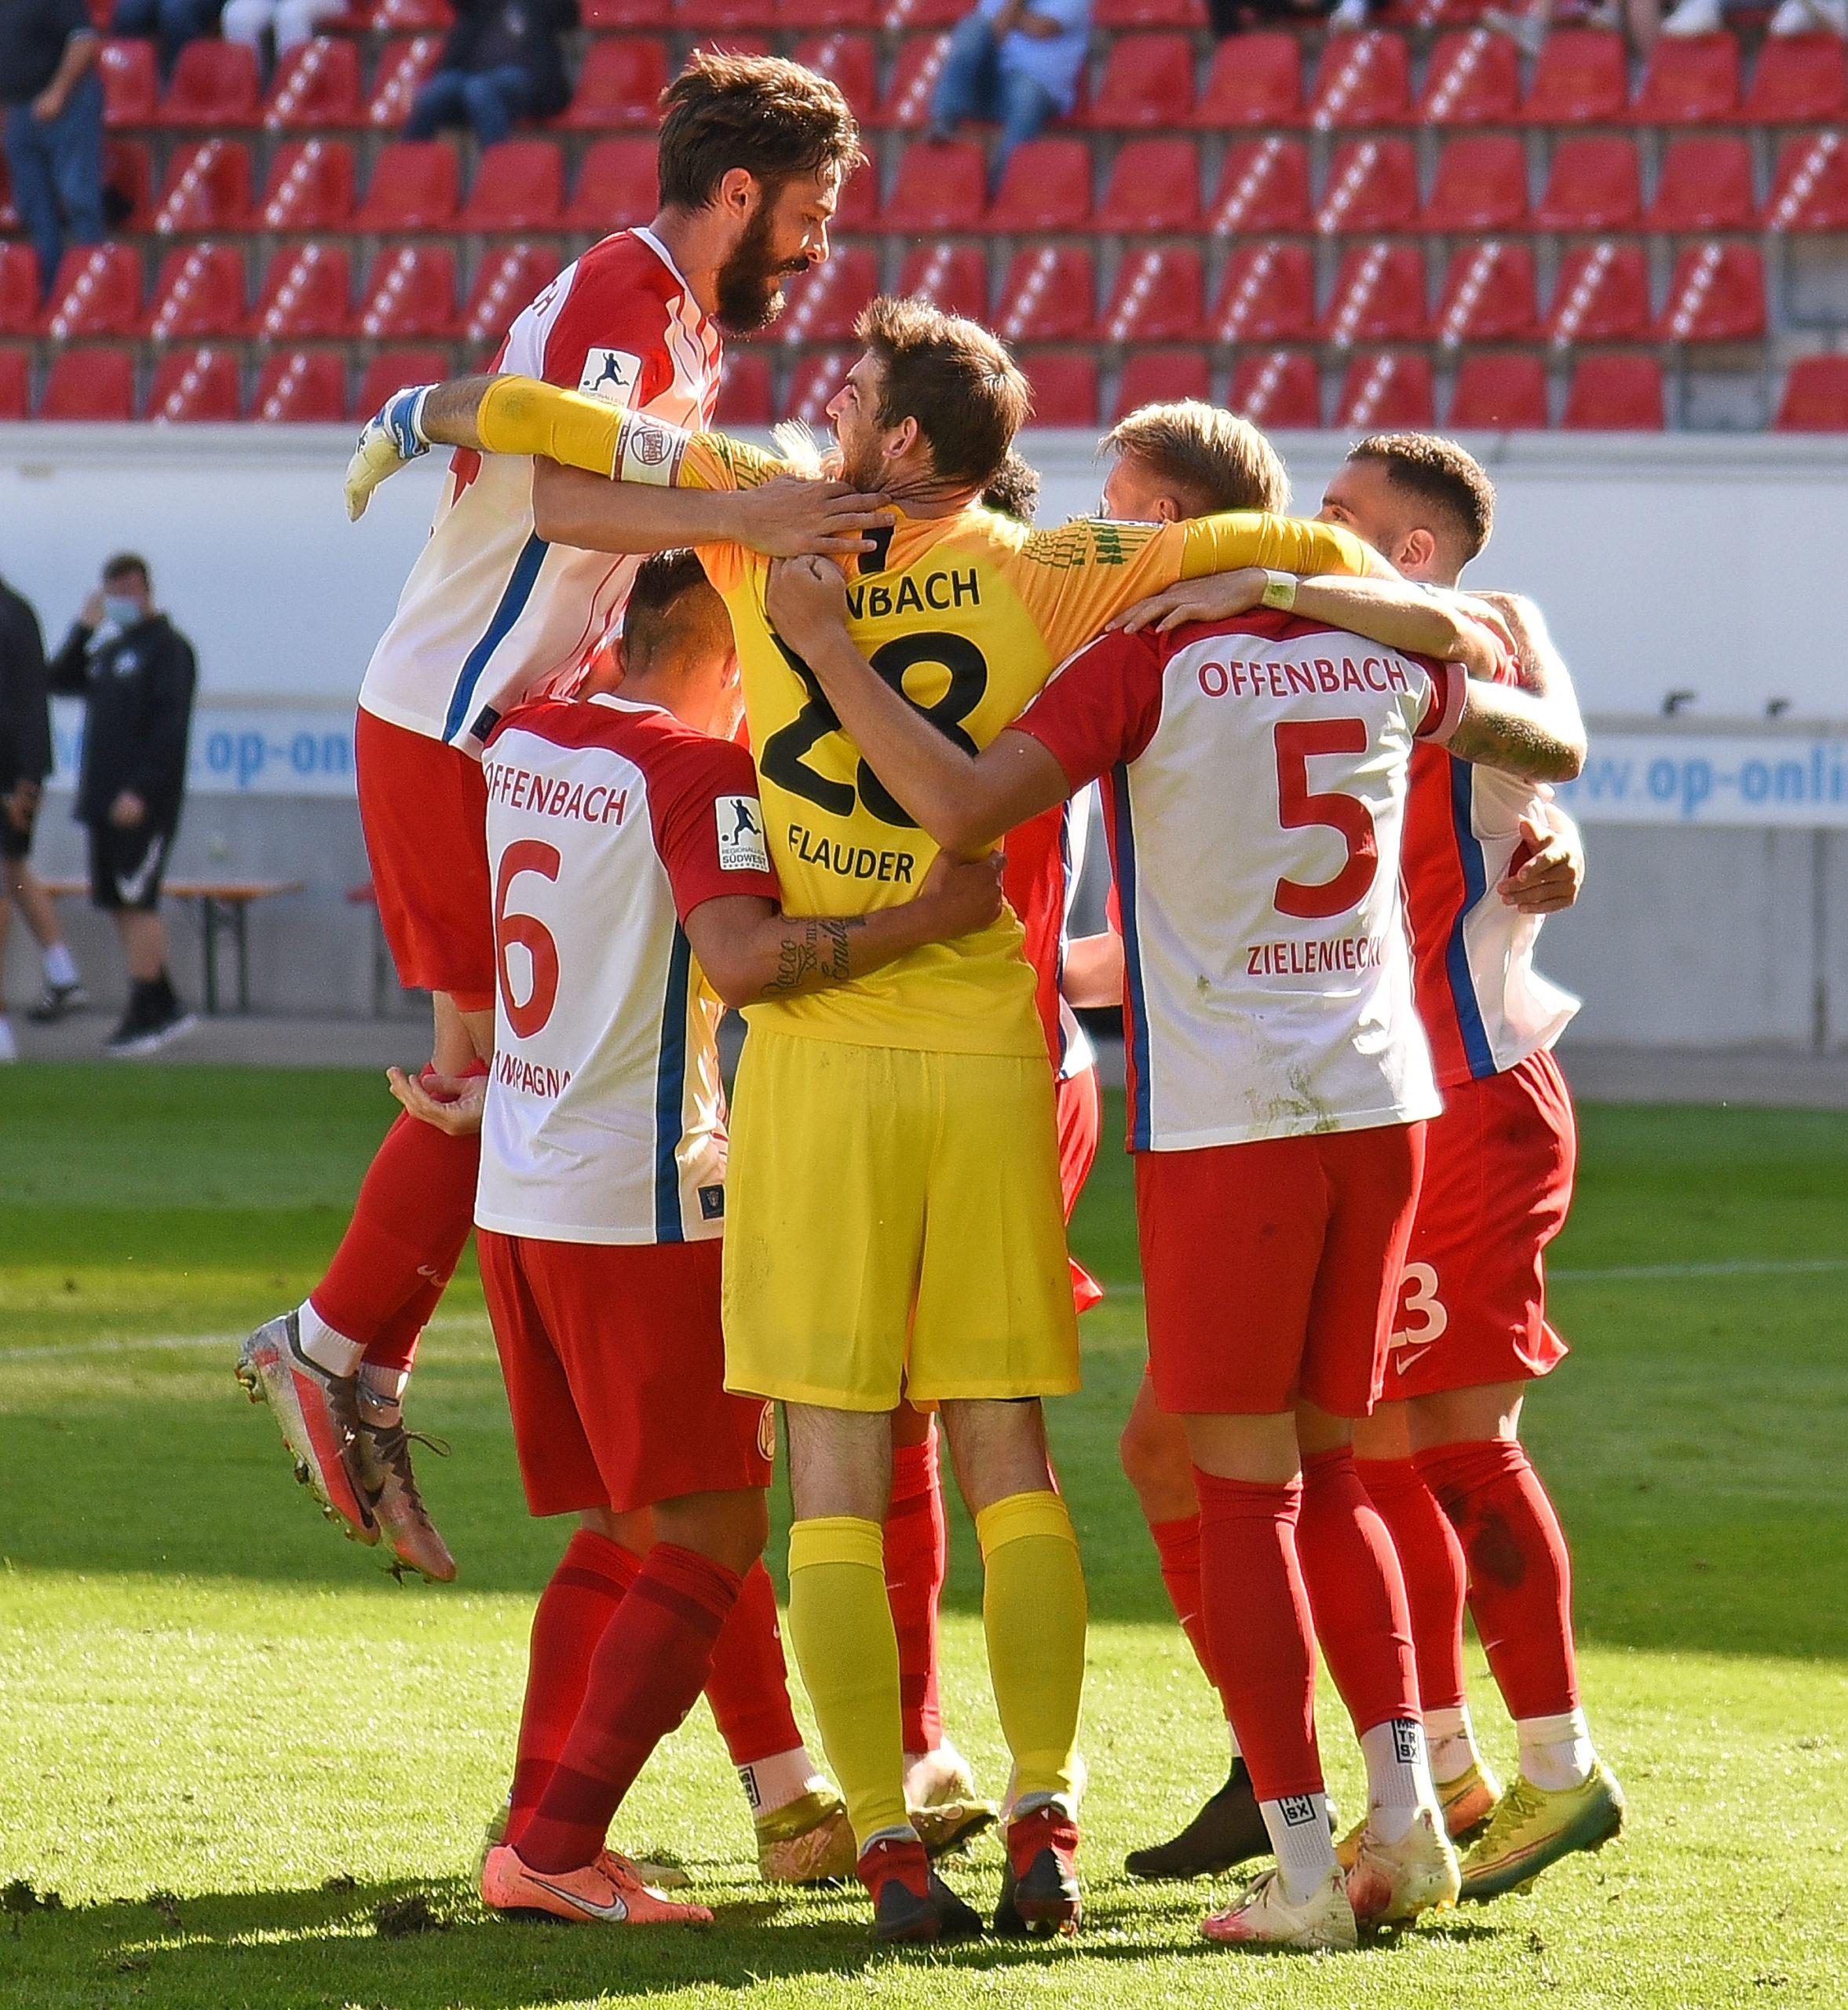 Kicker Regionalliga